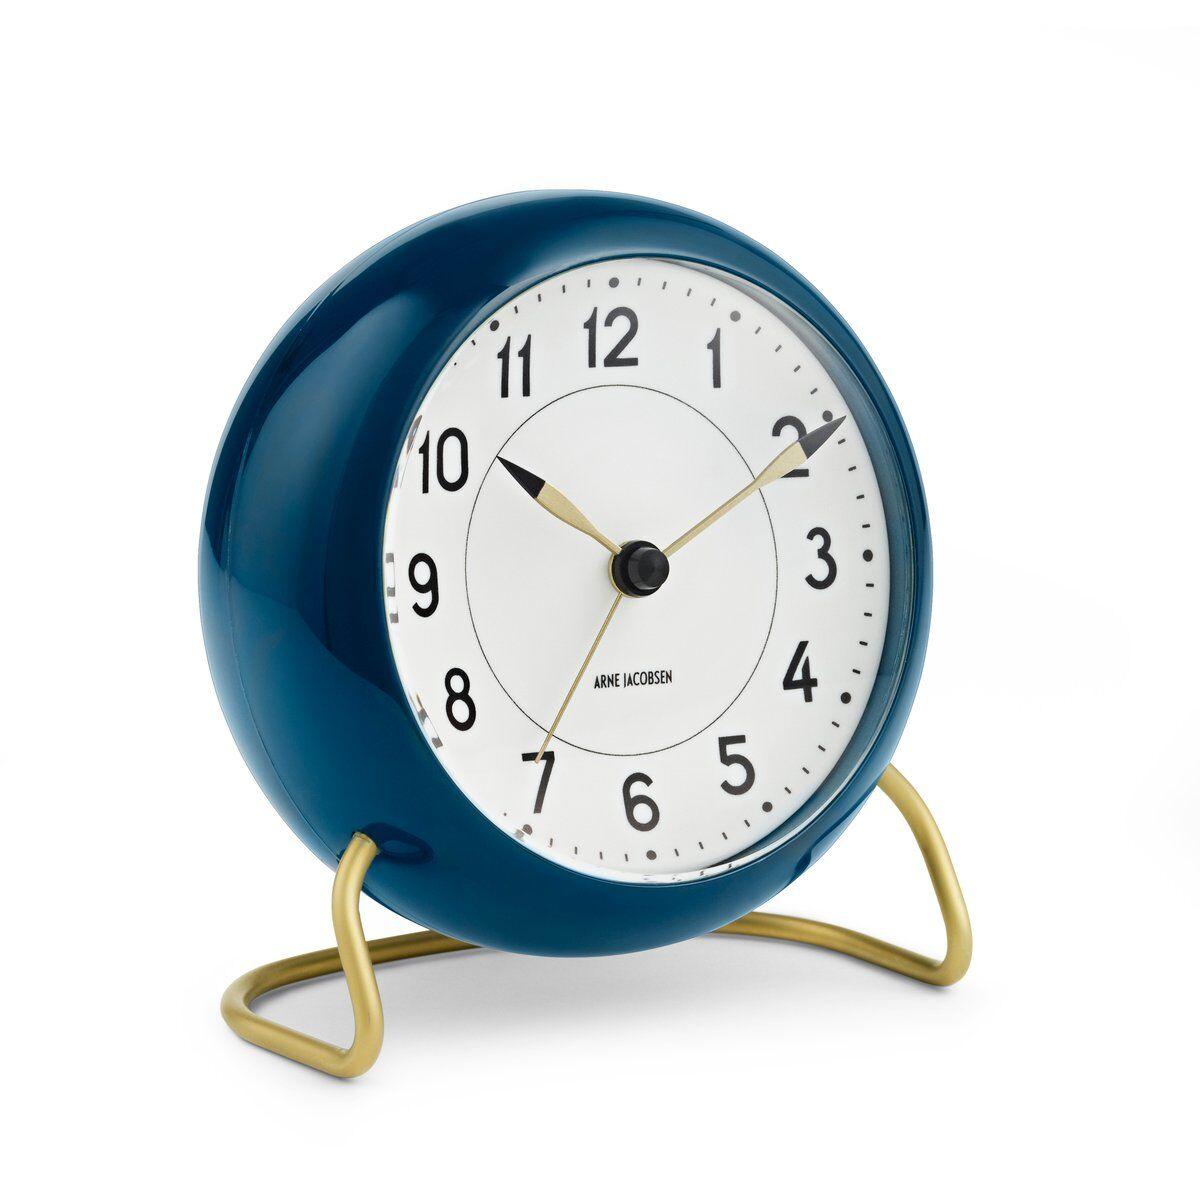 Arne Jacobsen Clocks AJ Station bordklokke petrolblå petrolblå